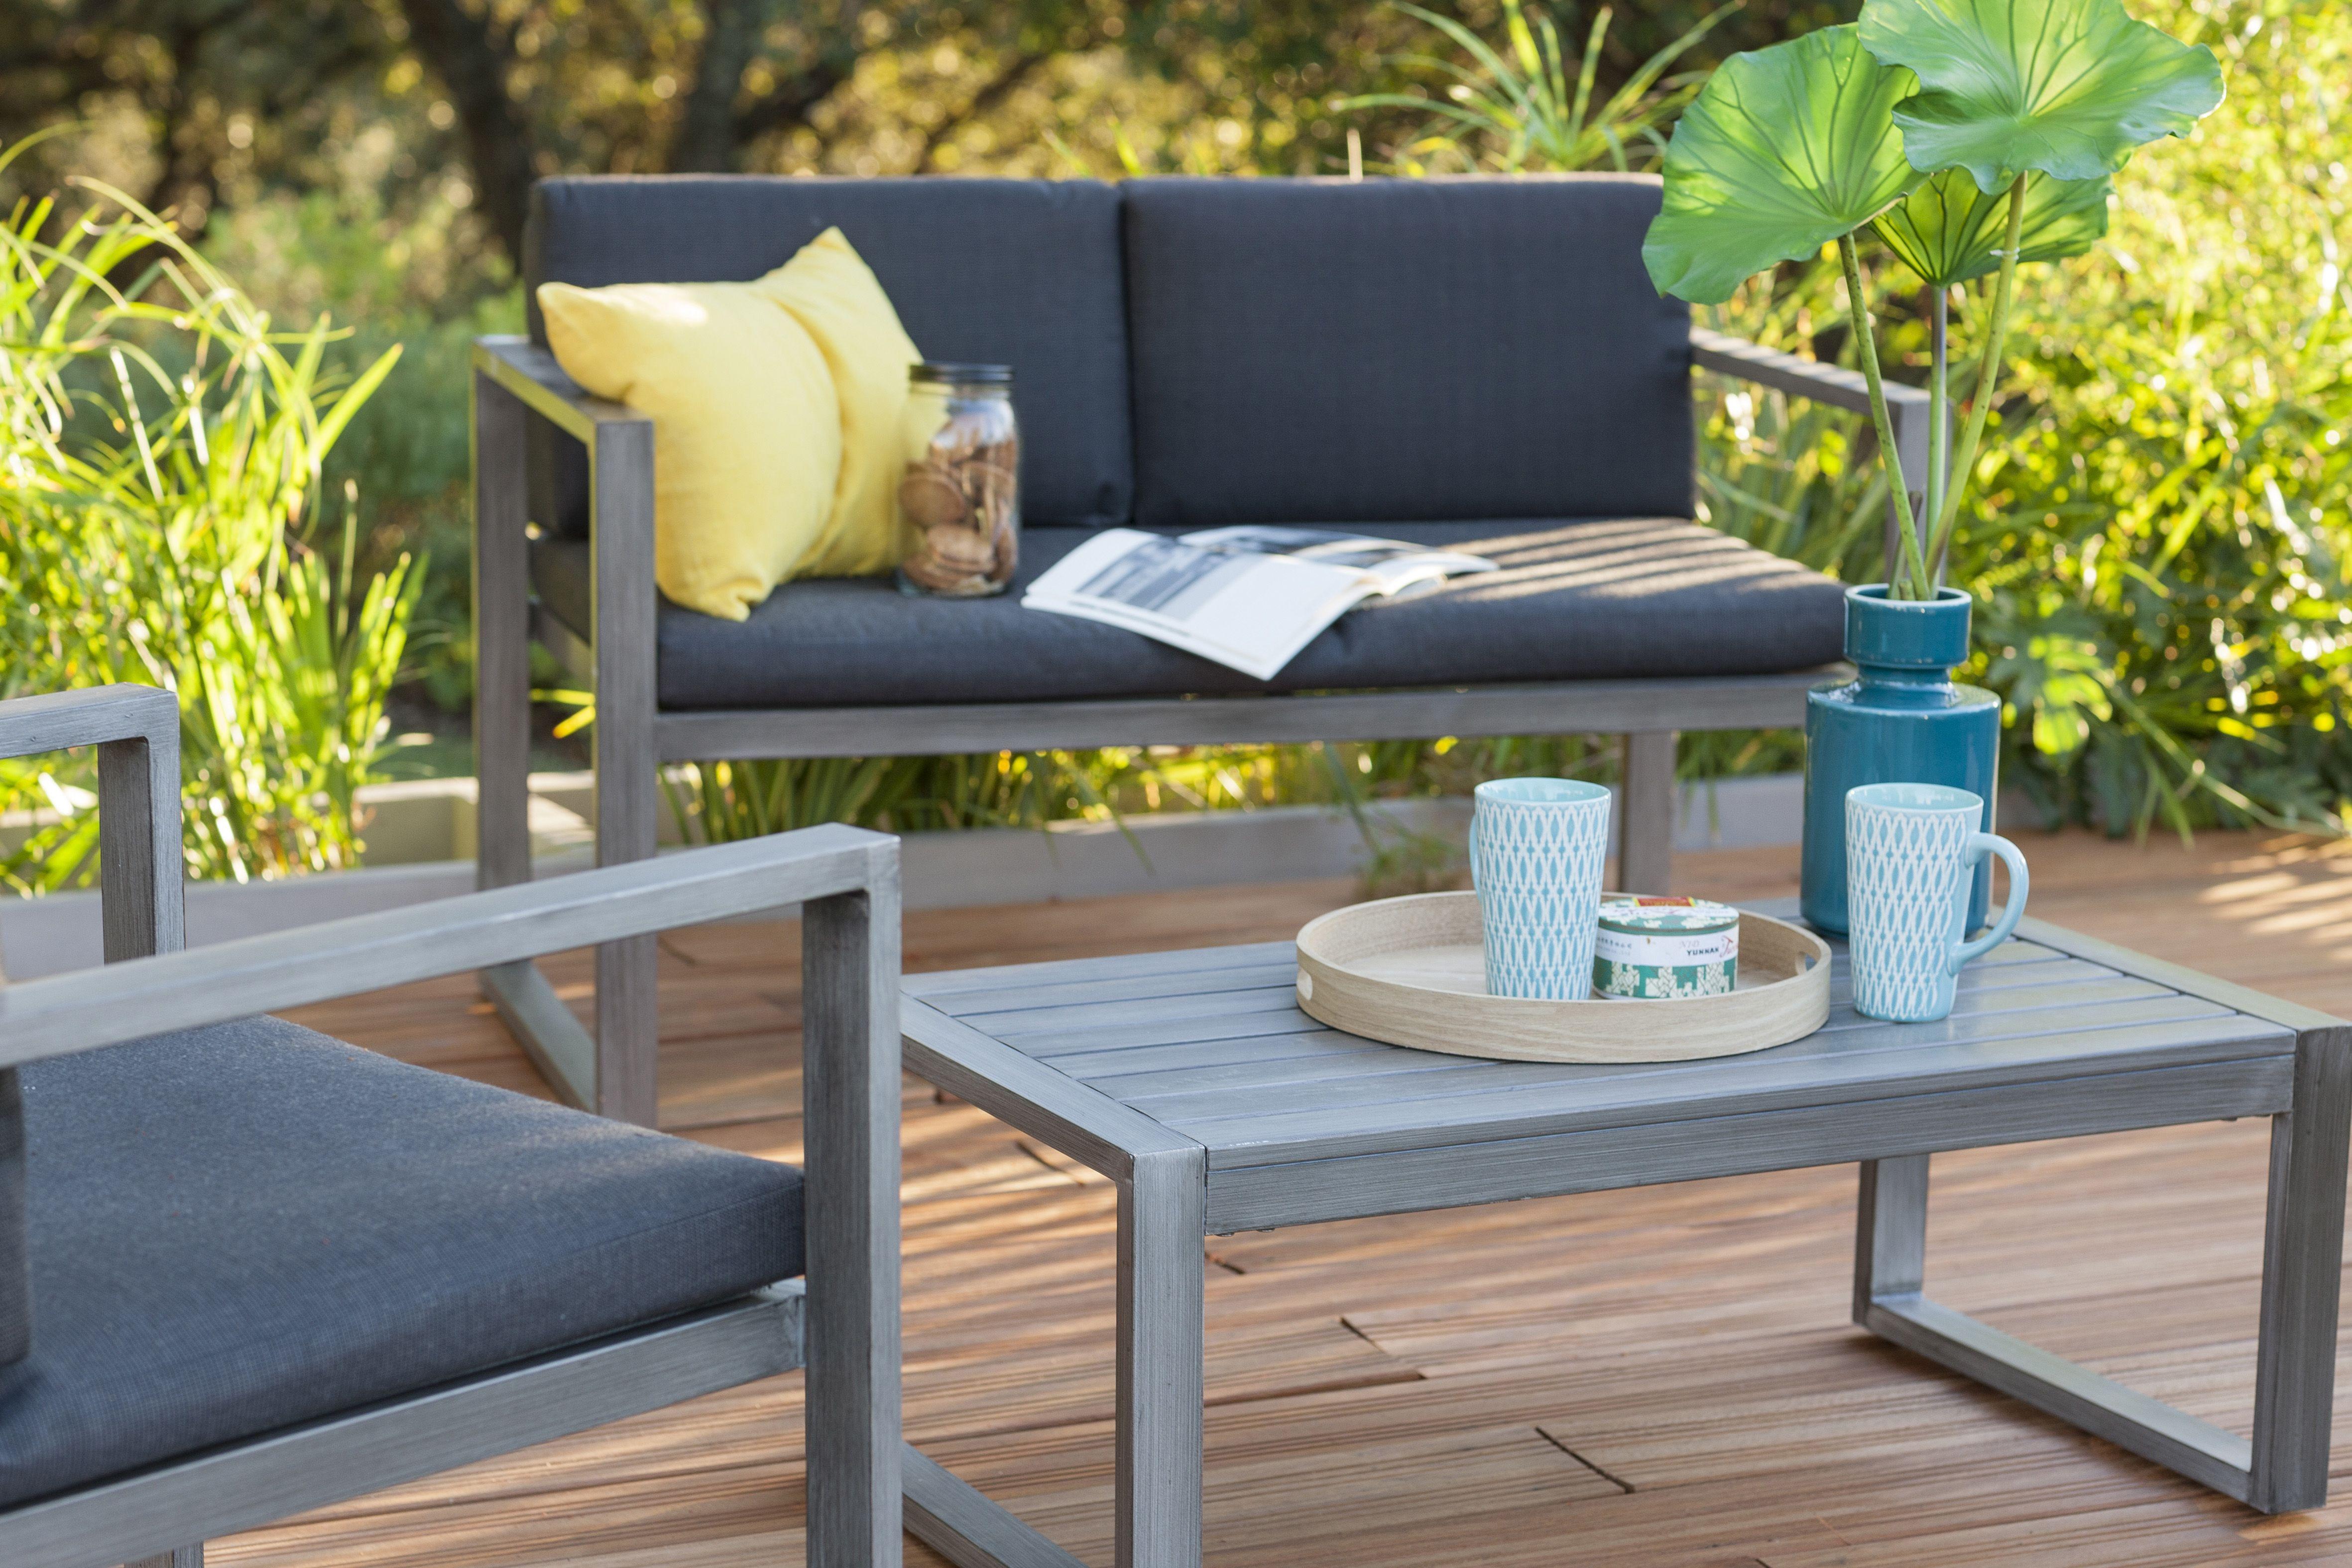 Un salon de jardin en aluminium et résine marron pour se détendre en ...